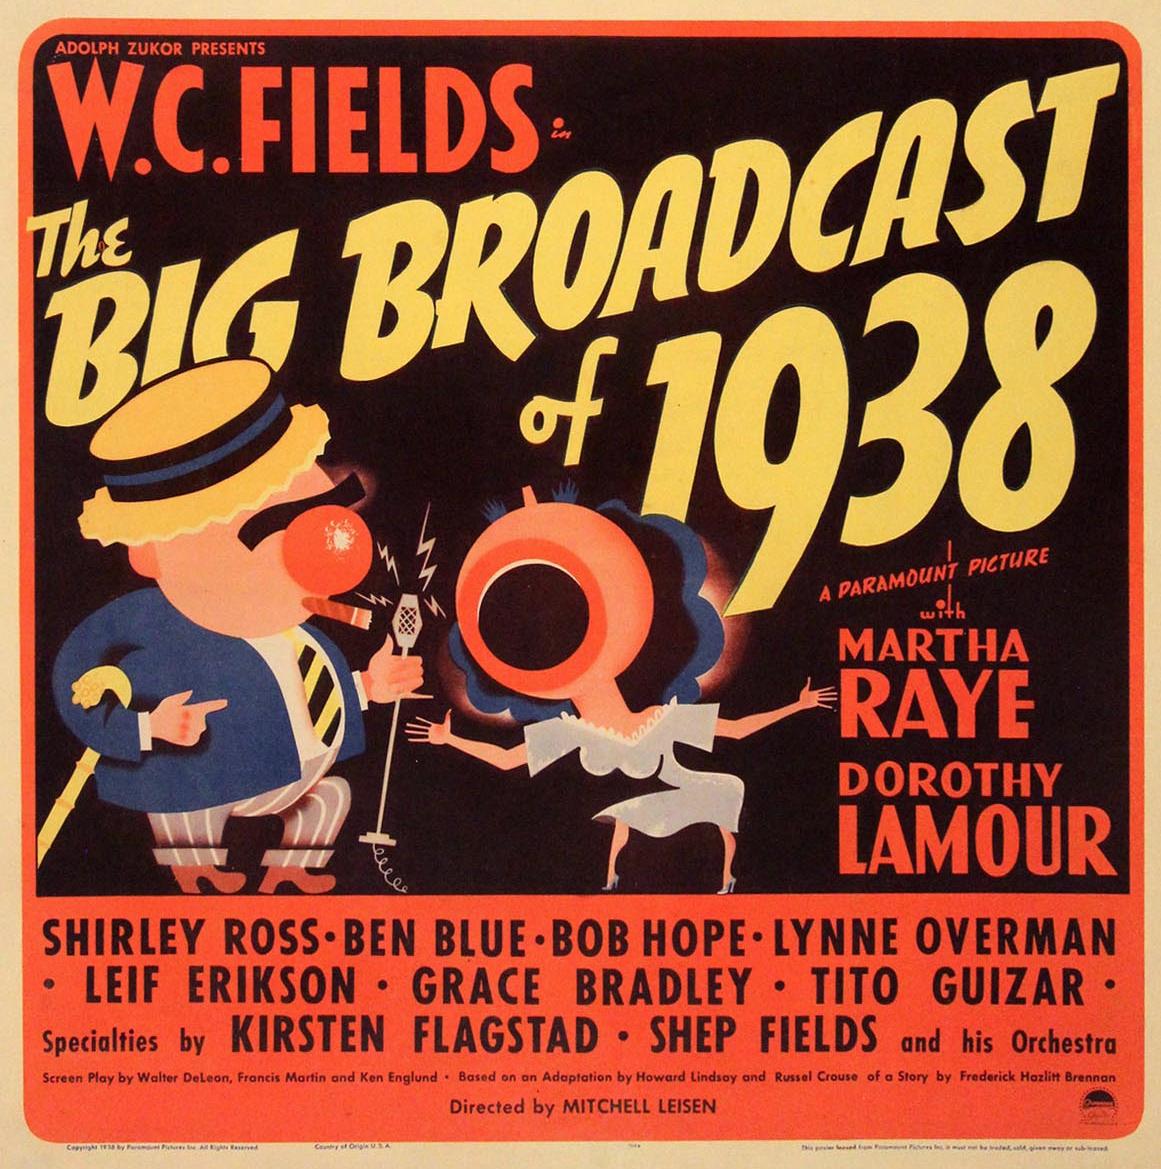 The Big Broadcast Of 1938 - W. C. Fields